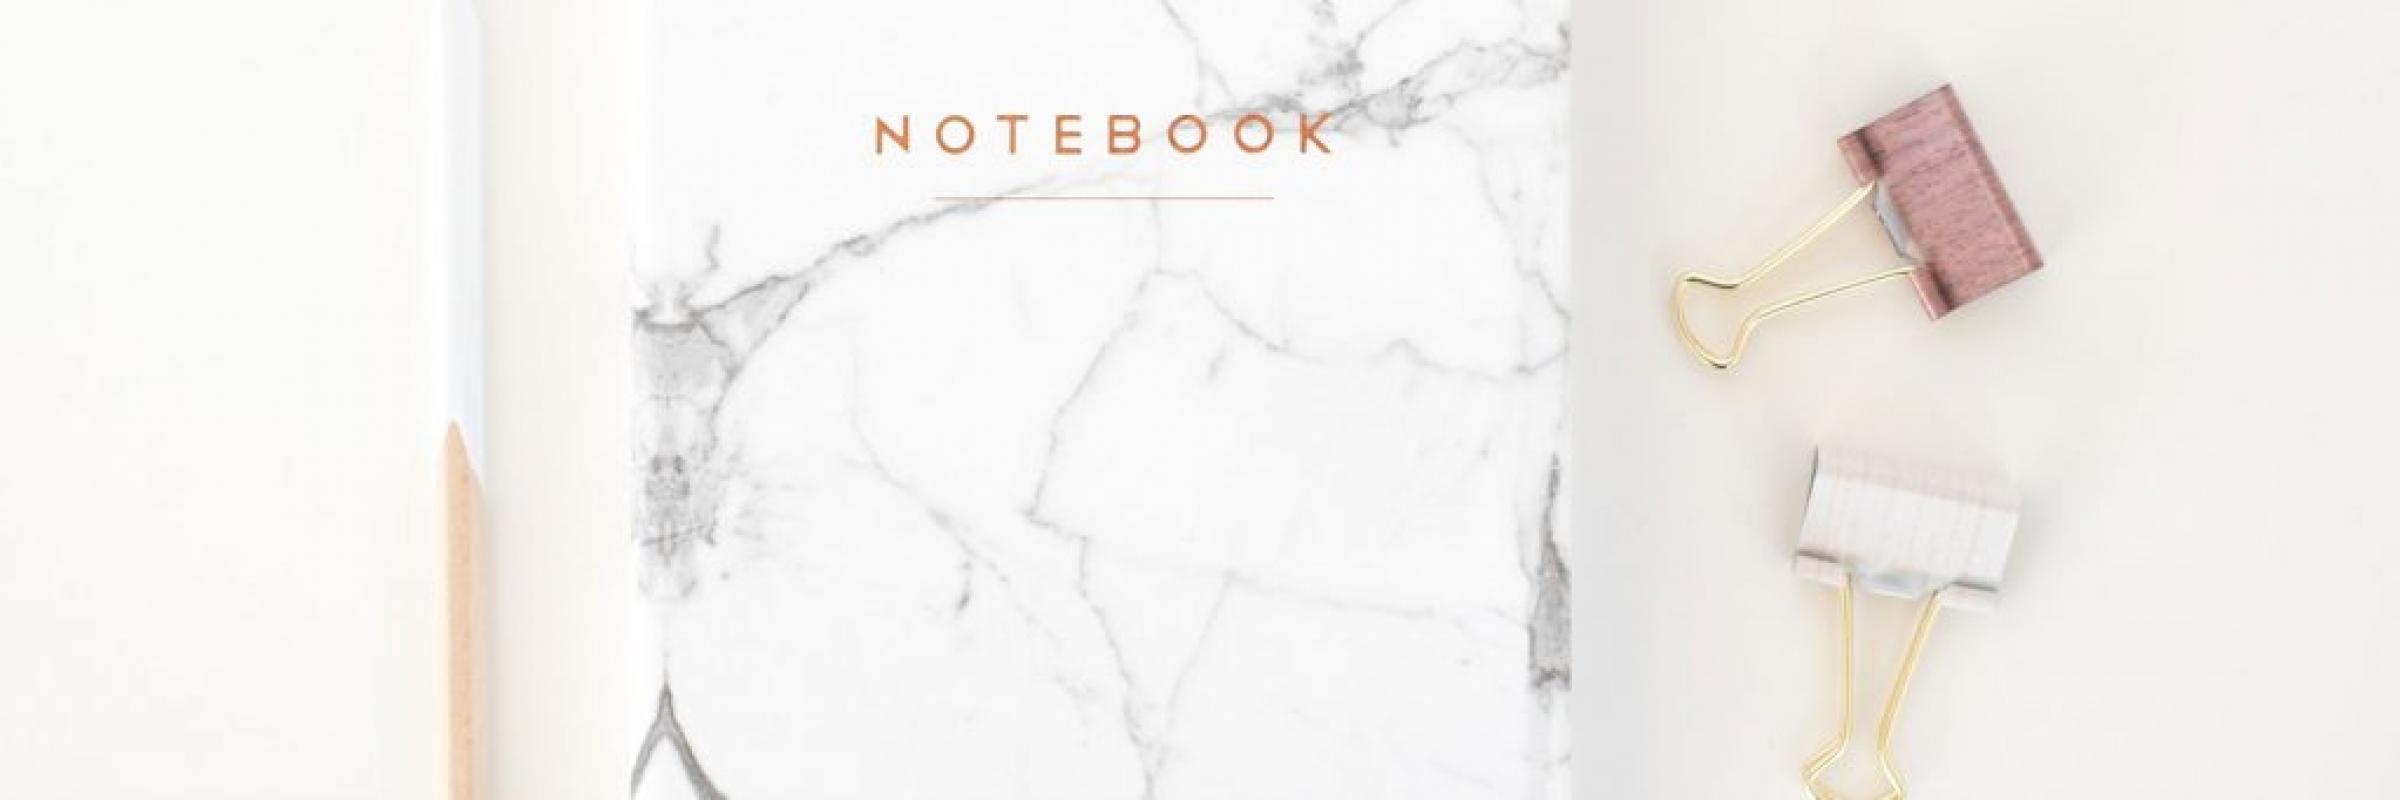 Bujoncoffee-notebook